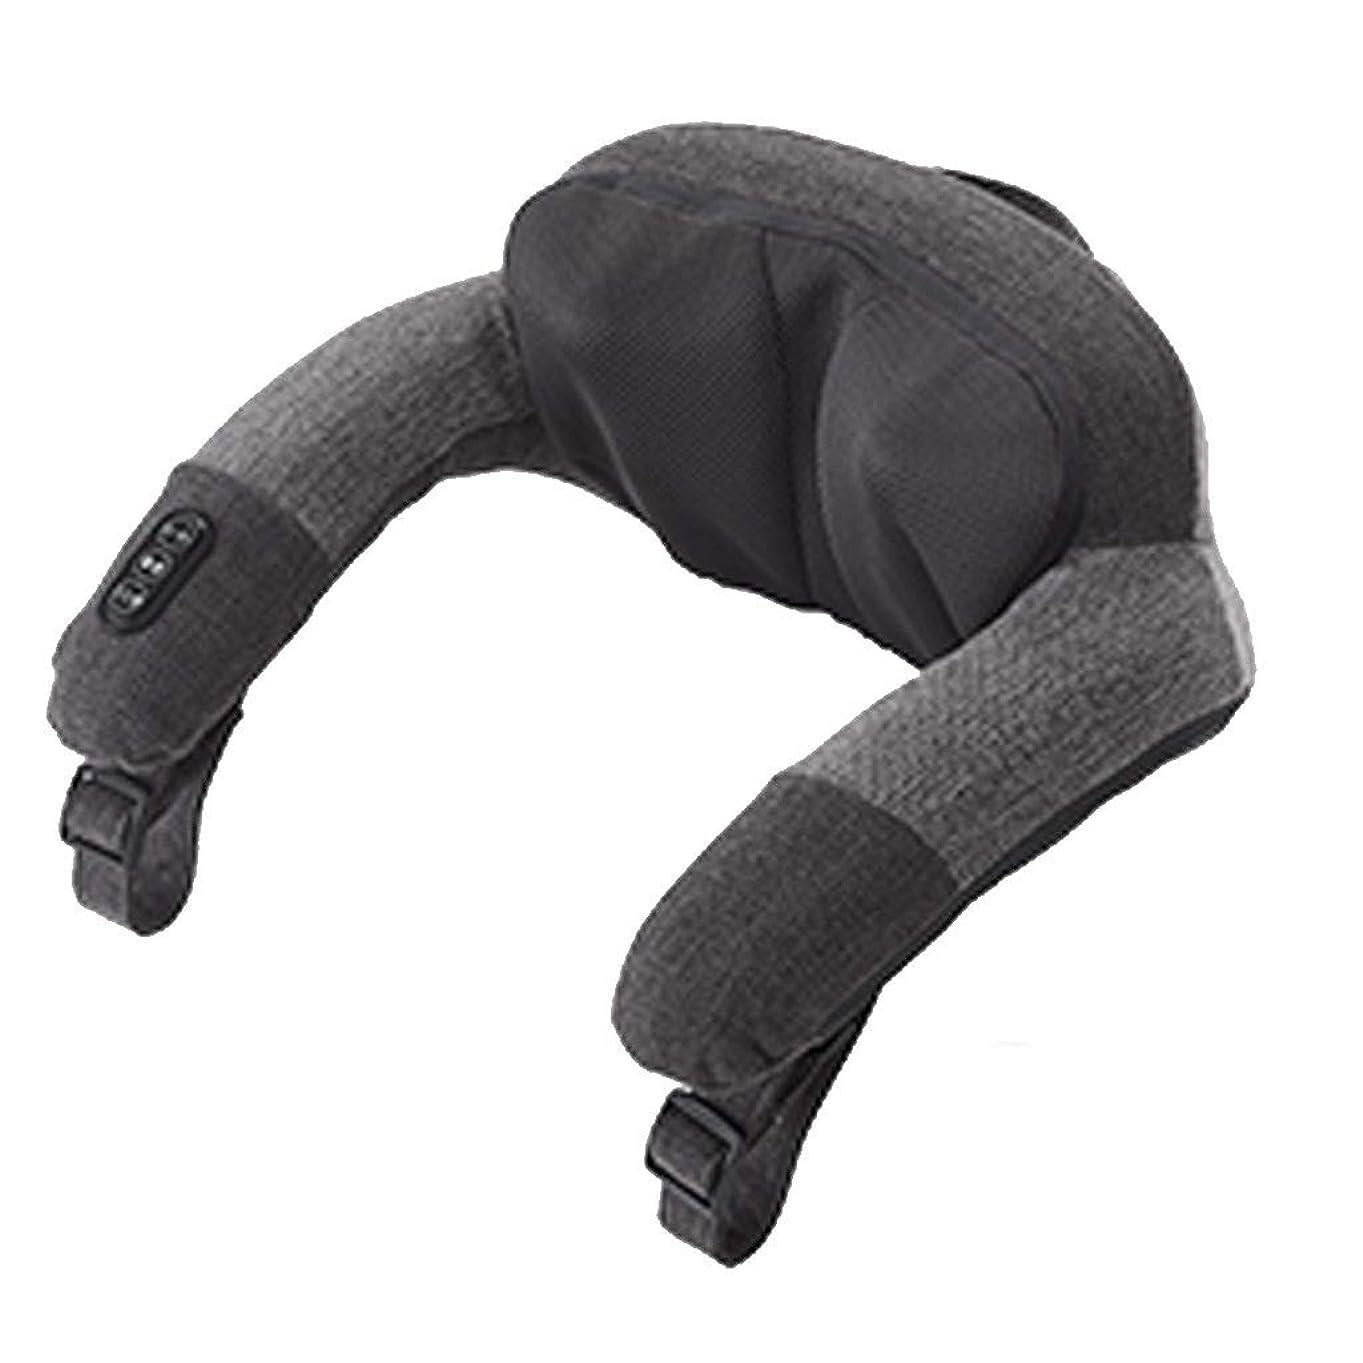 知っているに立ち寄る猟犬分注するYCDJCS 筋肉の痛みを軽減するバックショルダーネックのための深い熱でクッションマッサージネックマッサージ枕グレー戻ります (Color : Gray, Size : 40x42x23cm)